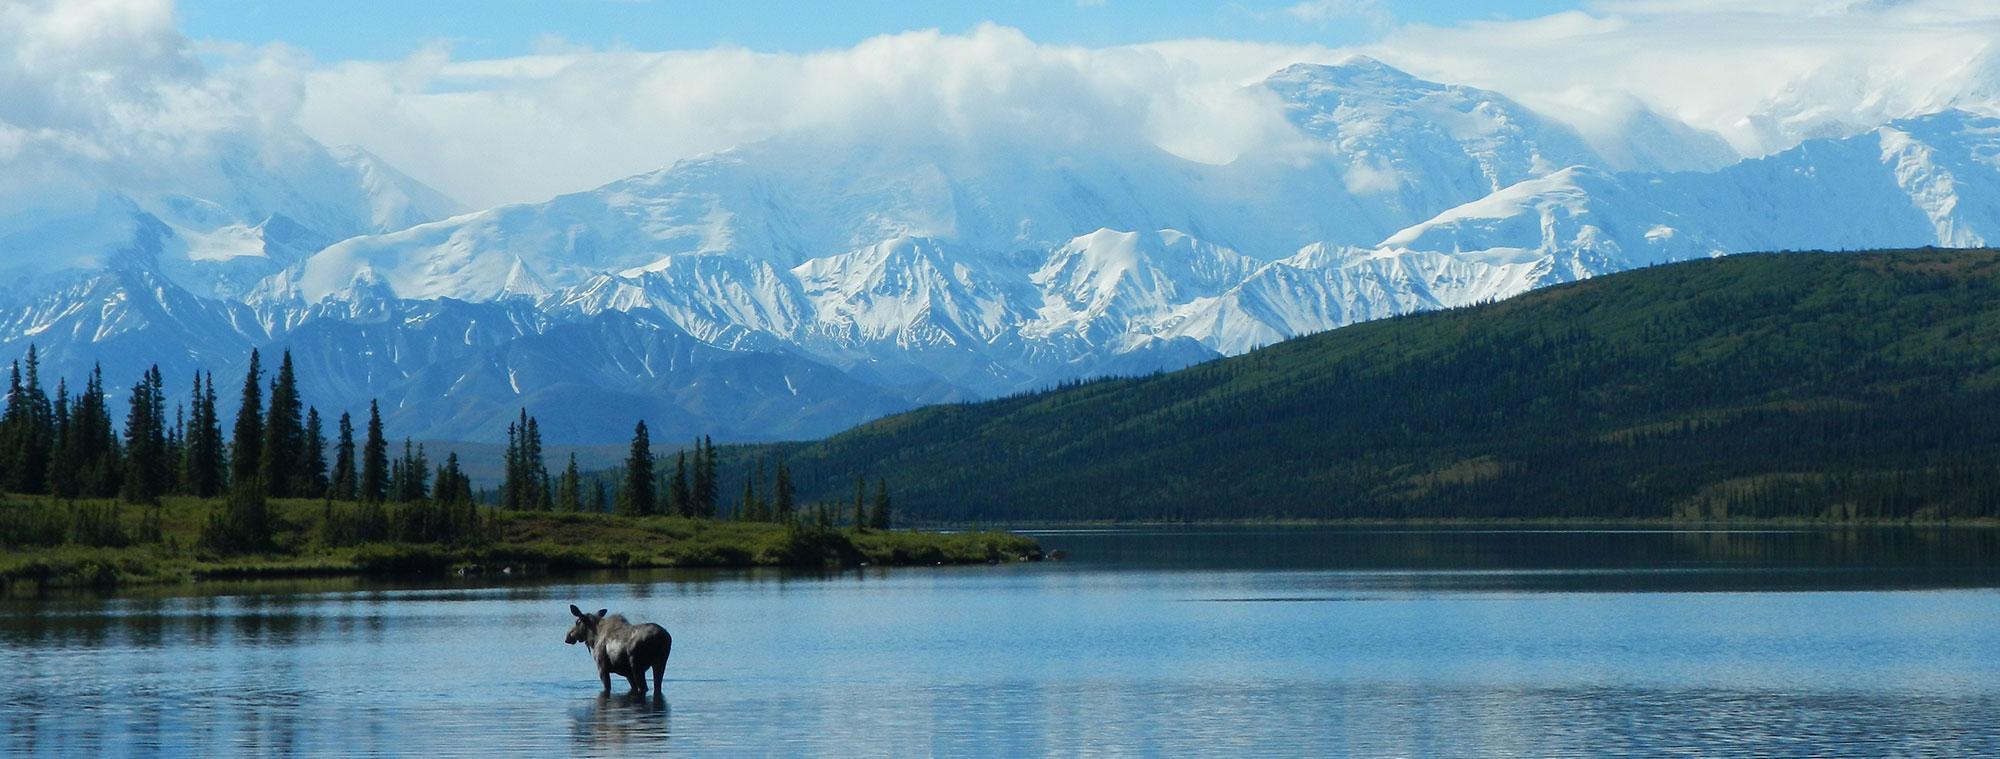 Alaska addiction rehab near you